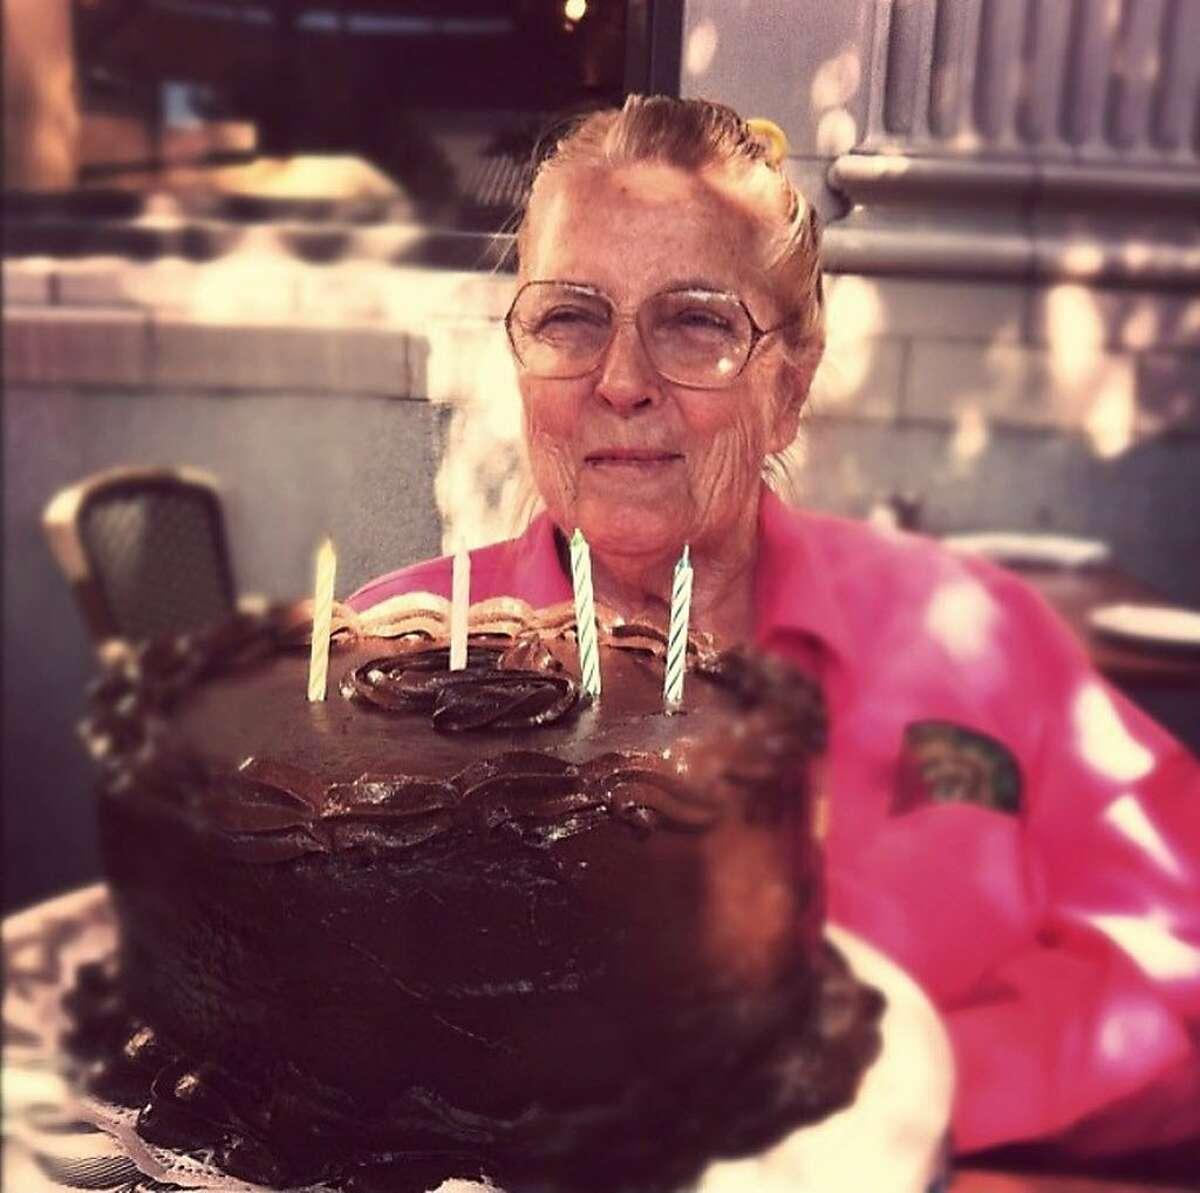 Sally Eaves Lewis, 90, died in the Atlas Peak Fire on October 8, 2017.